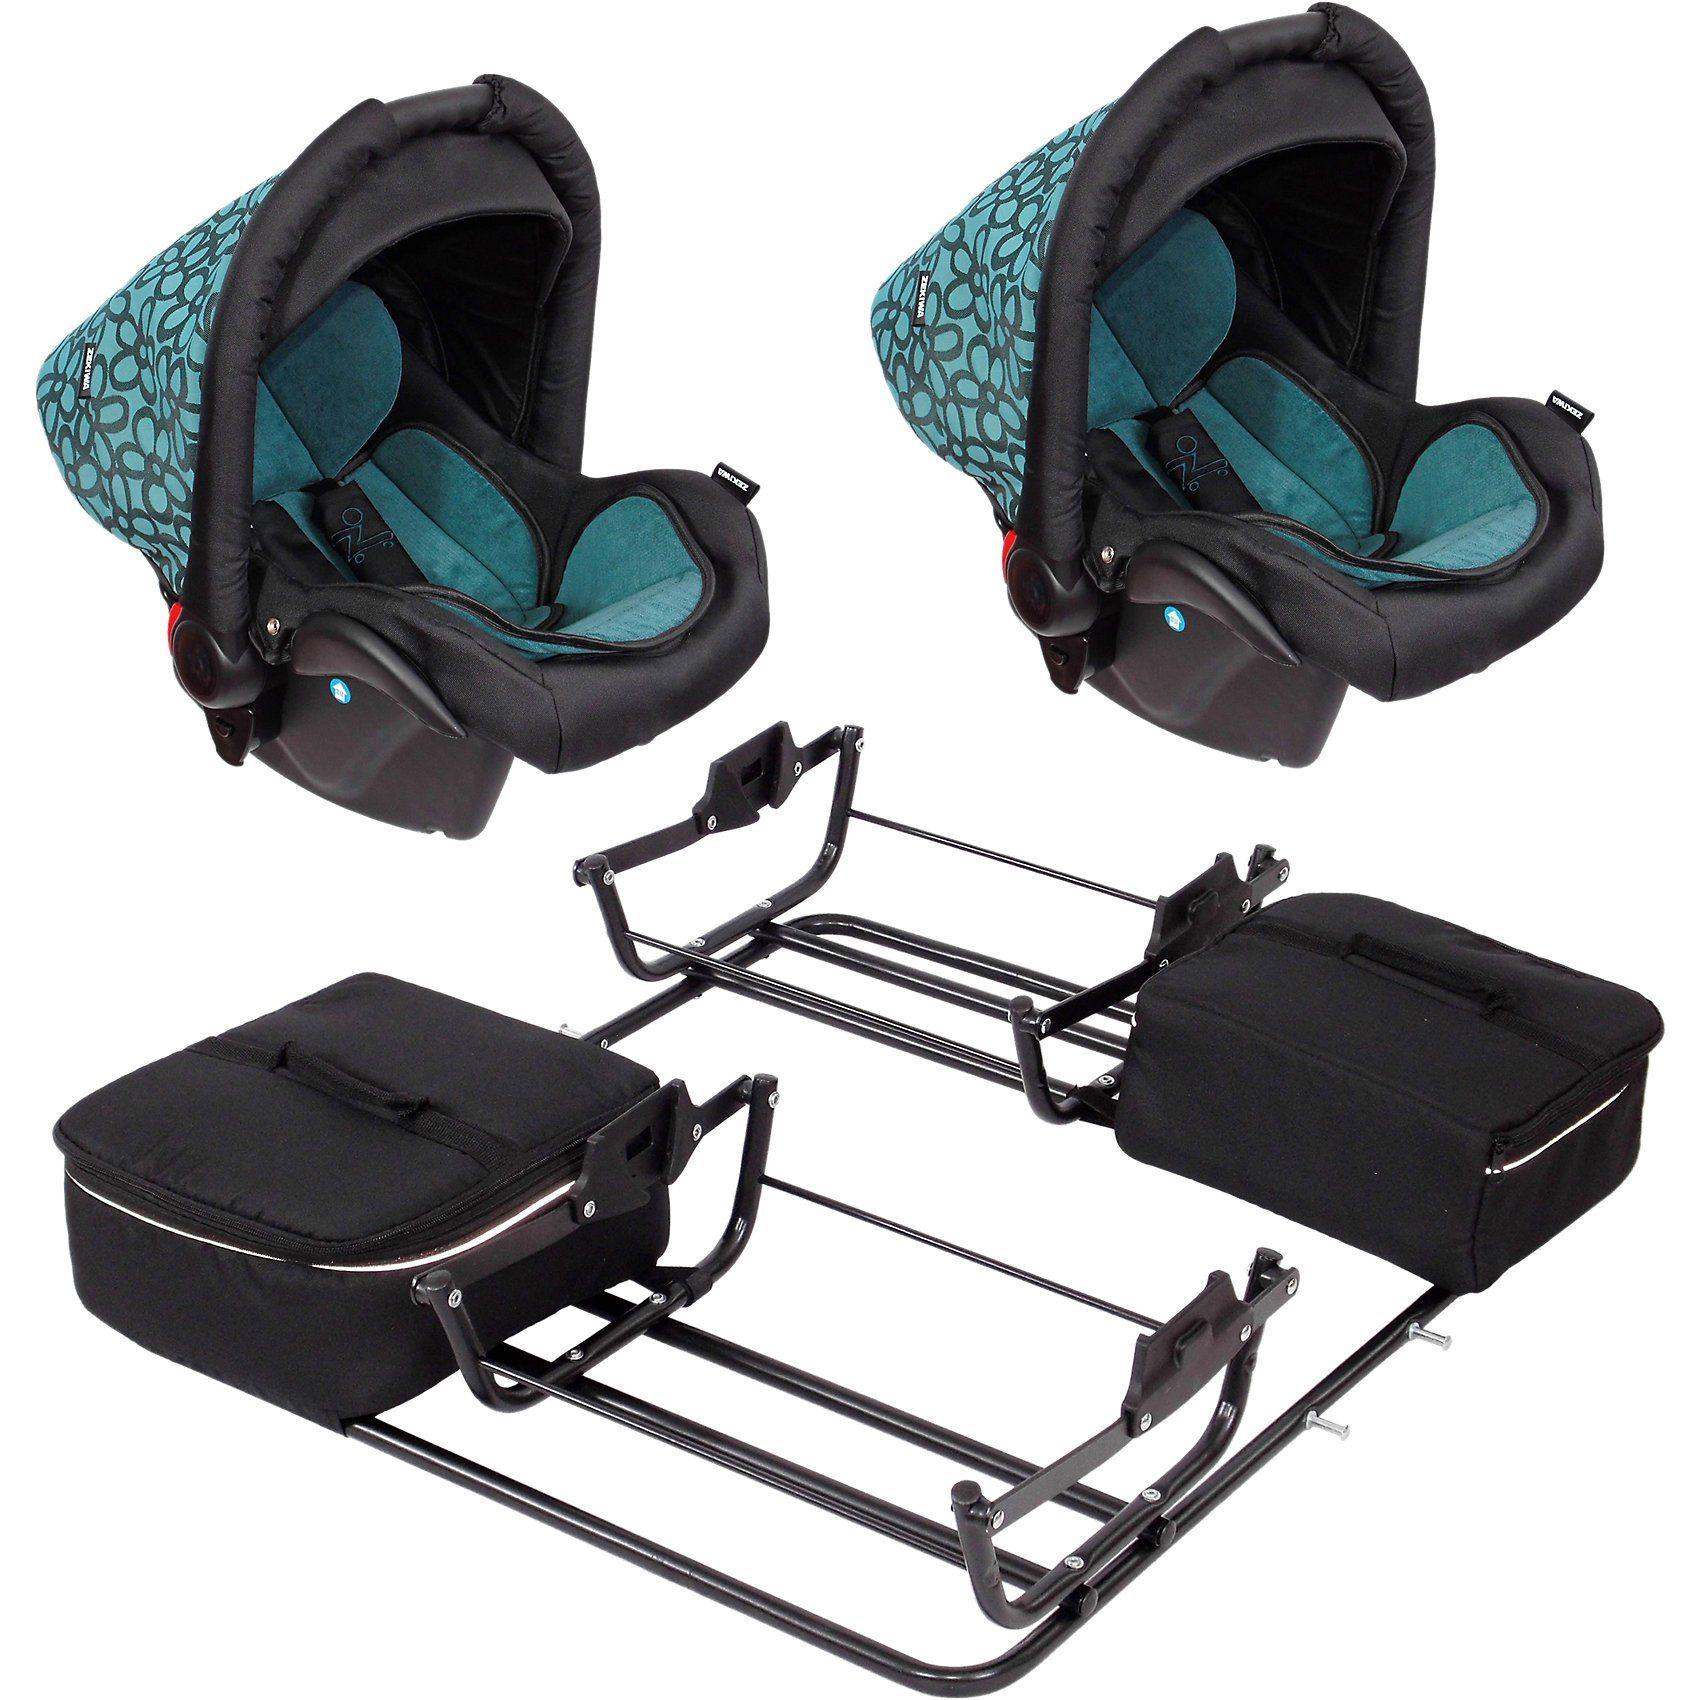 Zekiwa 2 Babyschalen ATS de Luxe inkl. Adapter für Zwillingswagen S